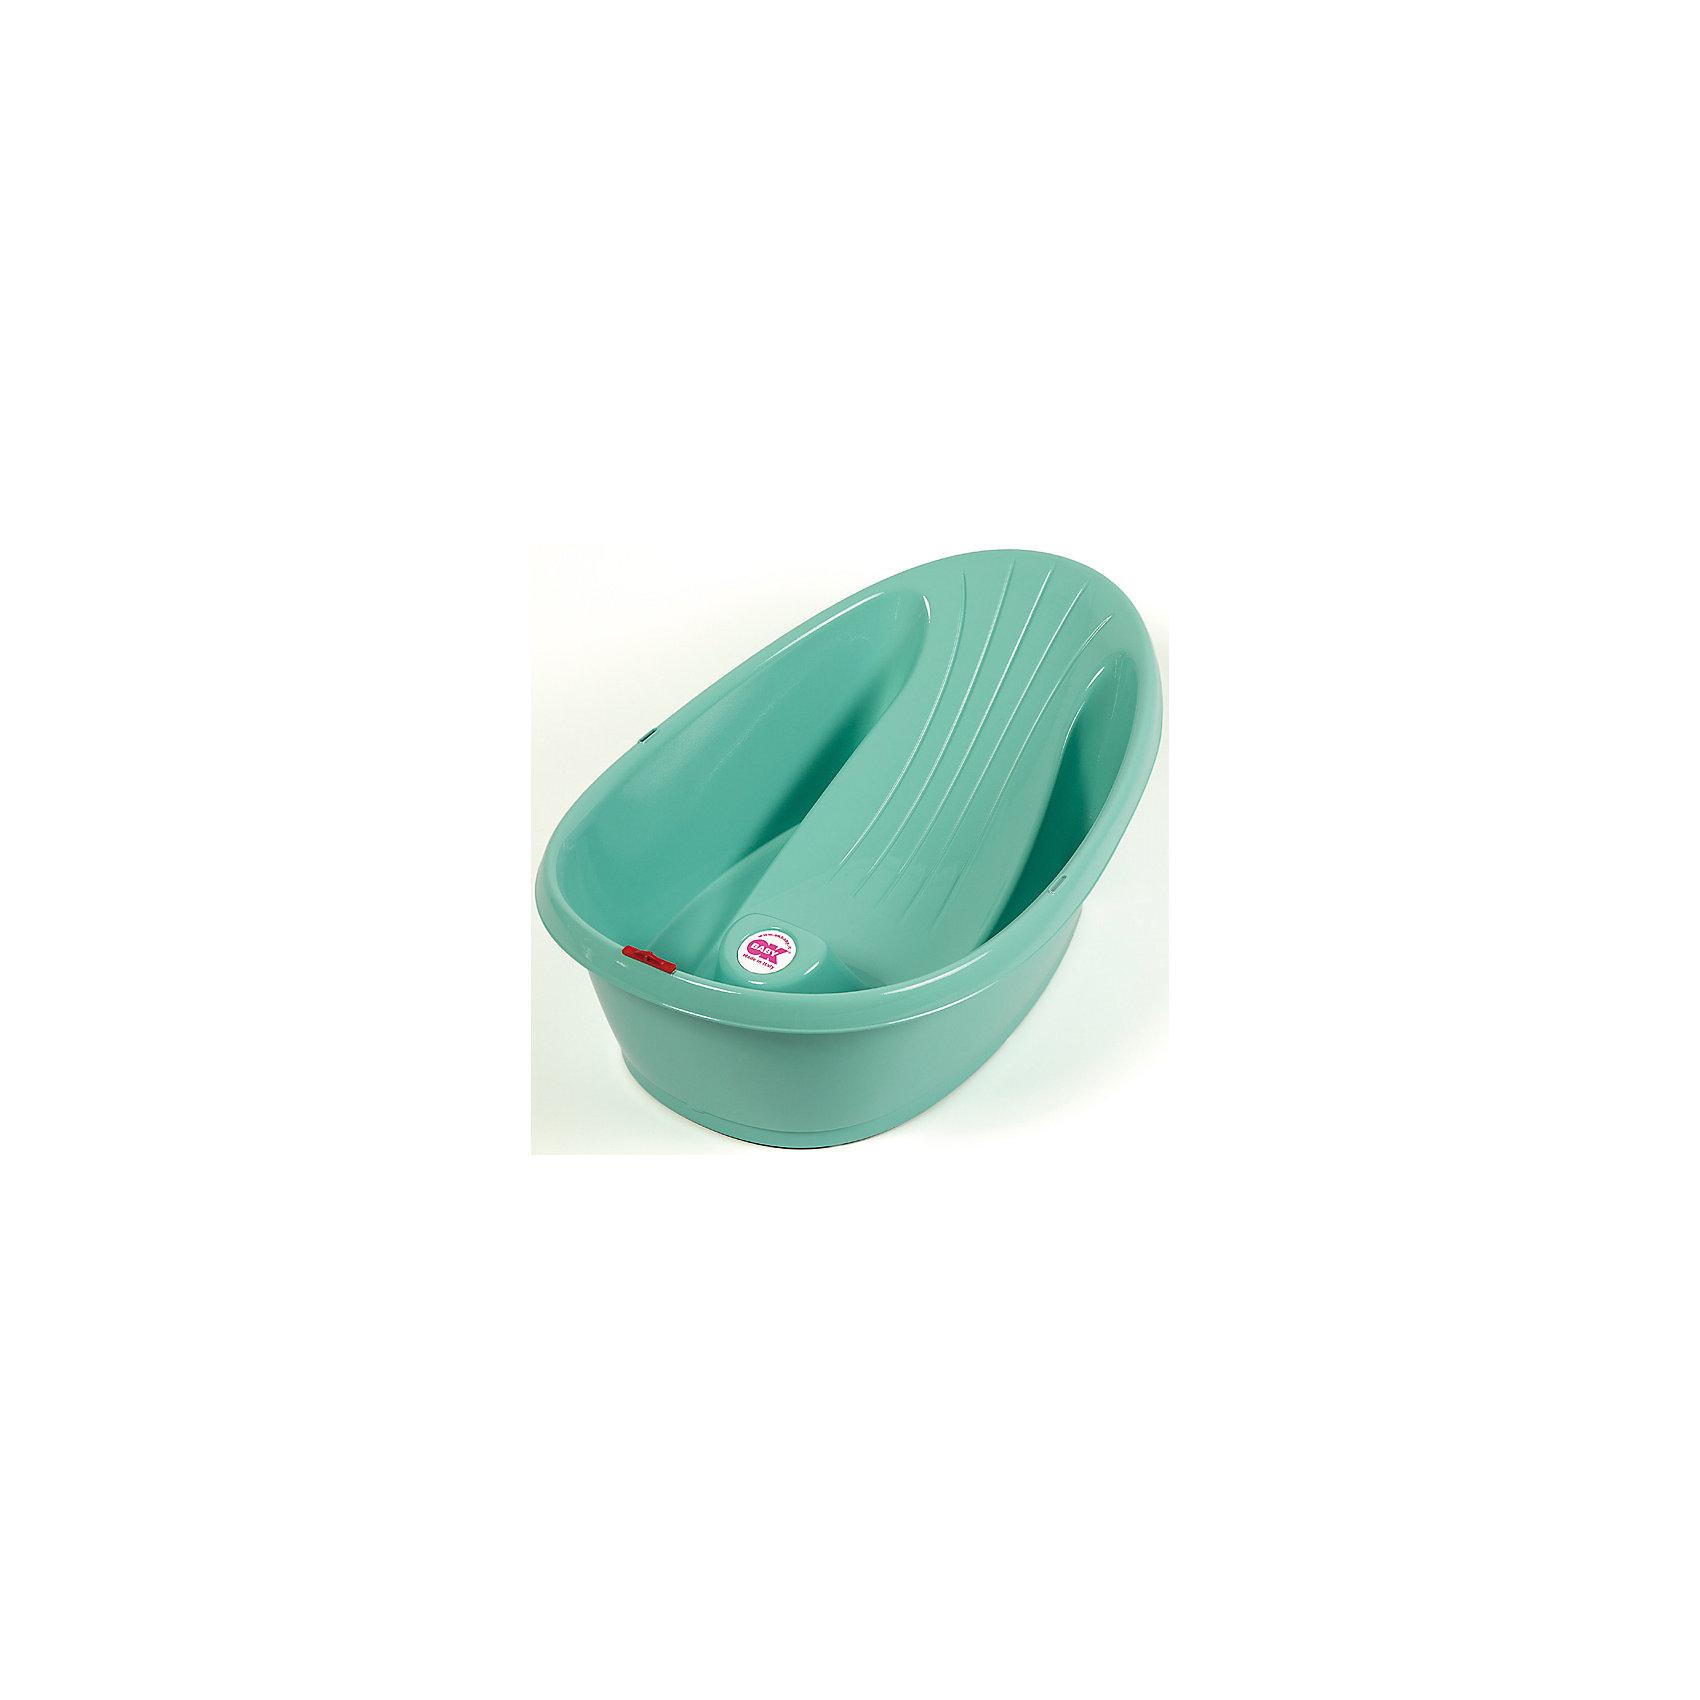 Ванночка Onda, Ok Baby, зеленыйВанночка Onda подарит малышам безопасное и комфортное купание. Ванночка удерживает кроху в идеальном для купания положение, не позволяя ему соскользнуть под воду. Противоскользящие резиновые колпачки обеспечивают устойчивость на плоских поверхностях. Изделие выполнено из высококачественных экологичных материалов безопасных для детей. <br><br>Дополнительная информация:<br><br>- Материал: пластик.<br>- Размер: 42х24х63 см. <br>- Максимальный объем: 16 л.<br>- Возможна установка на большую ванну (при наличии крепления).<br>- Эргономичный дизайн<br>- Компактная и легкая.<br>- Встроенный термометр.<br>- Индикатор максимального уровня воды.<br>- Пробка для слива воды.<br><br>Ванночку Onda, Ok Baby, зеленую, можно купить в нашем магазине.<br><br>Ширина мм: 630<br>Глубина мм: 420<br>Высота мм: 240<br>Вес г: 2500<br>Возраст от месяцев: 0<br>Возраст до месяцев: 12<br>Пол: Унисекс<br>Возраст: Детский<br>SKU: 4443731